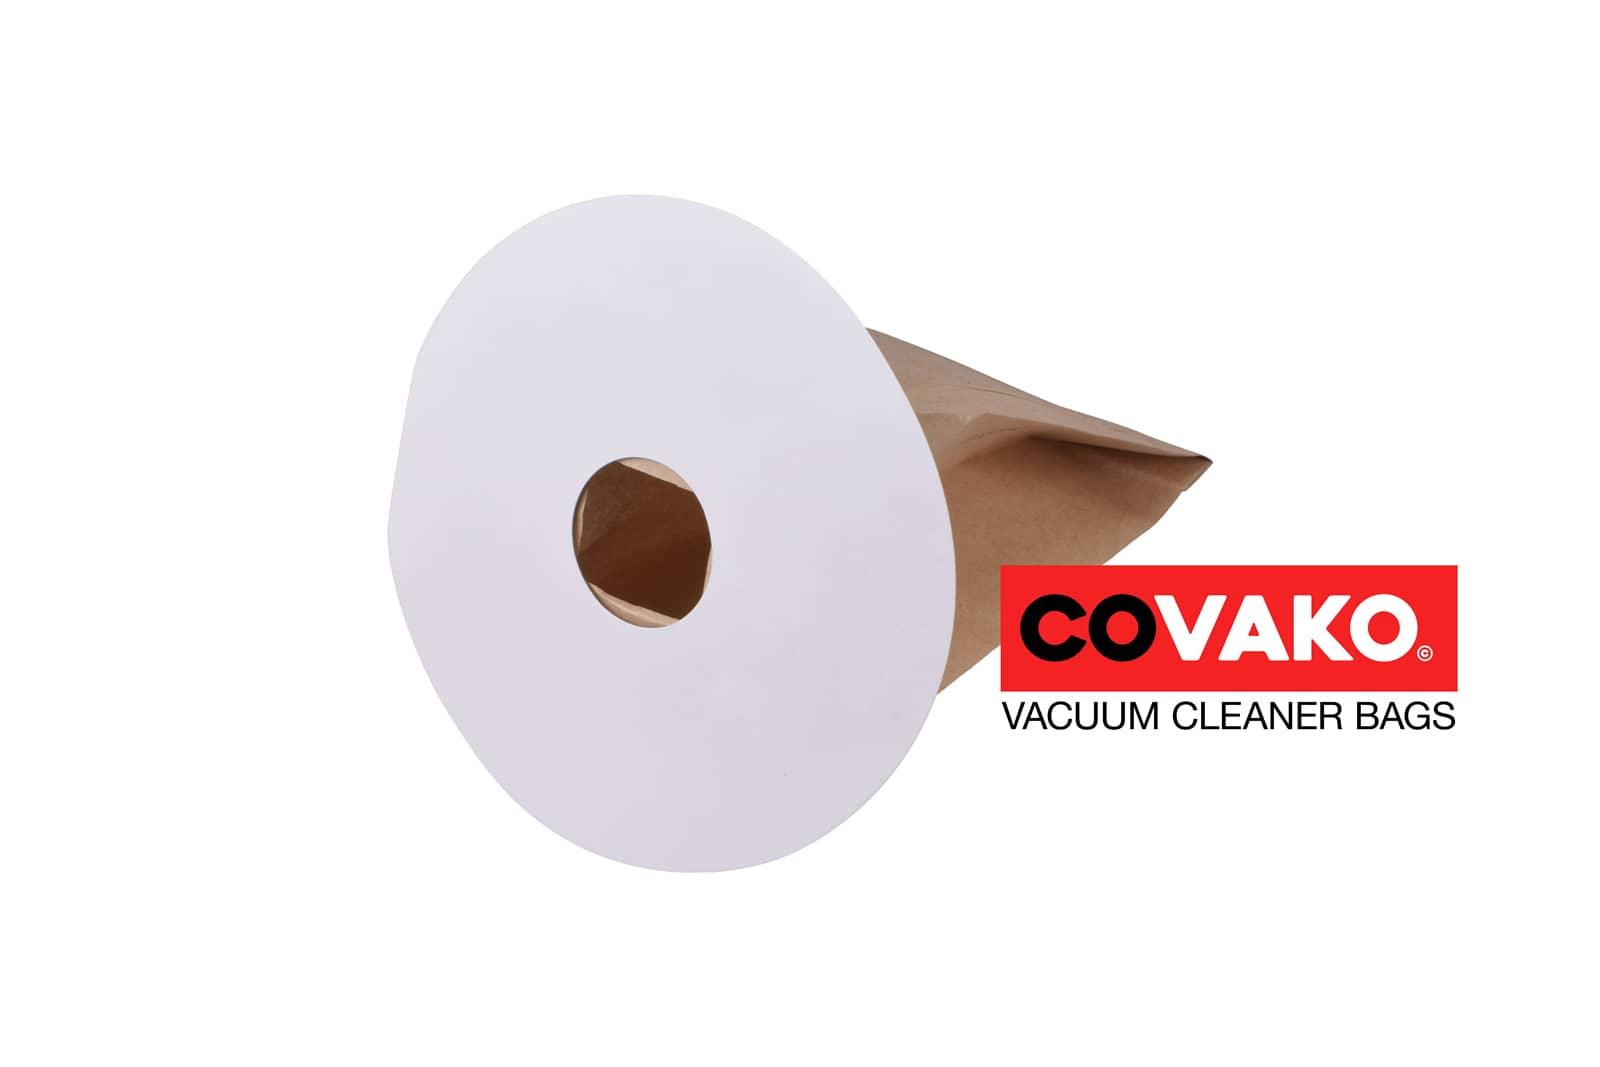 Fast Compacto Free Vac / Papier - Fast sacs d'aspirateur